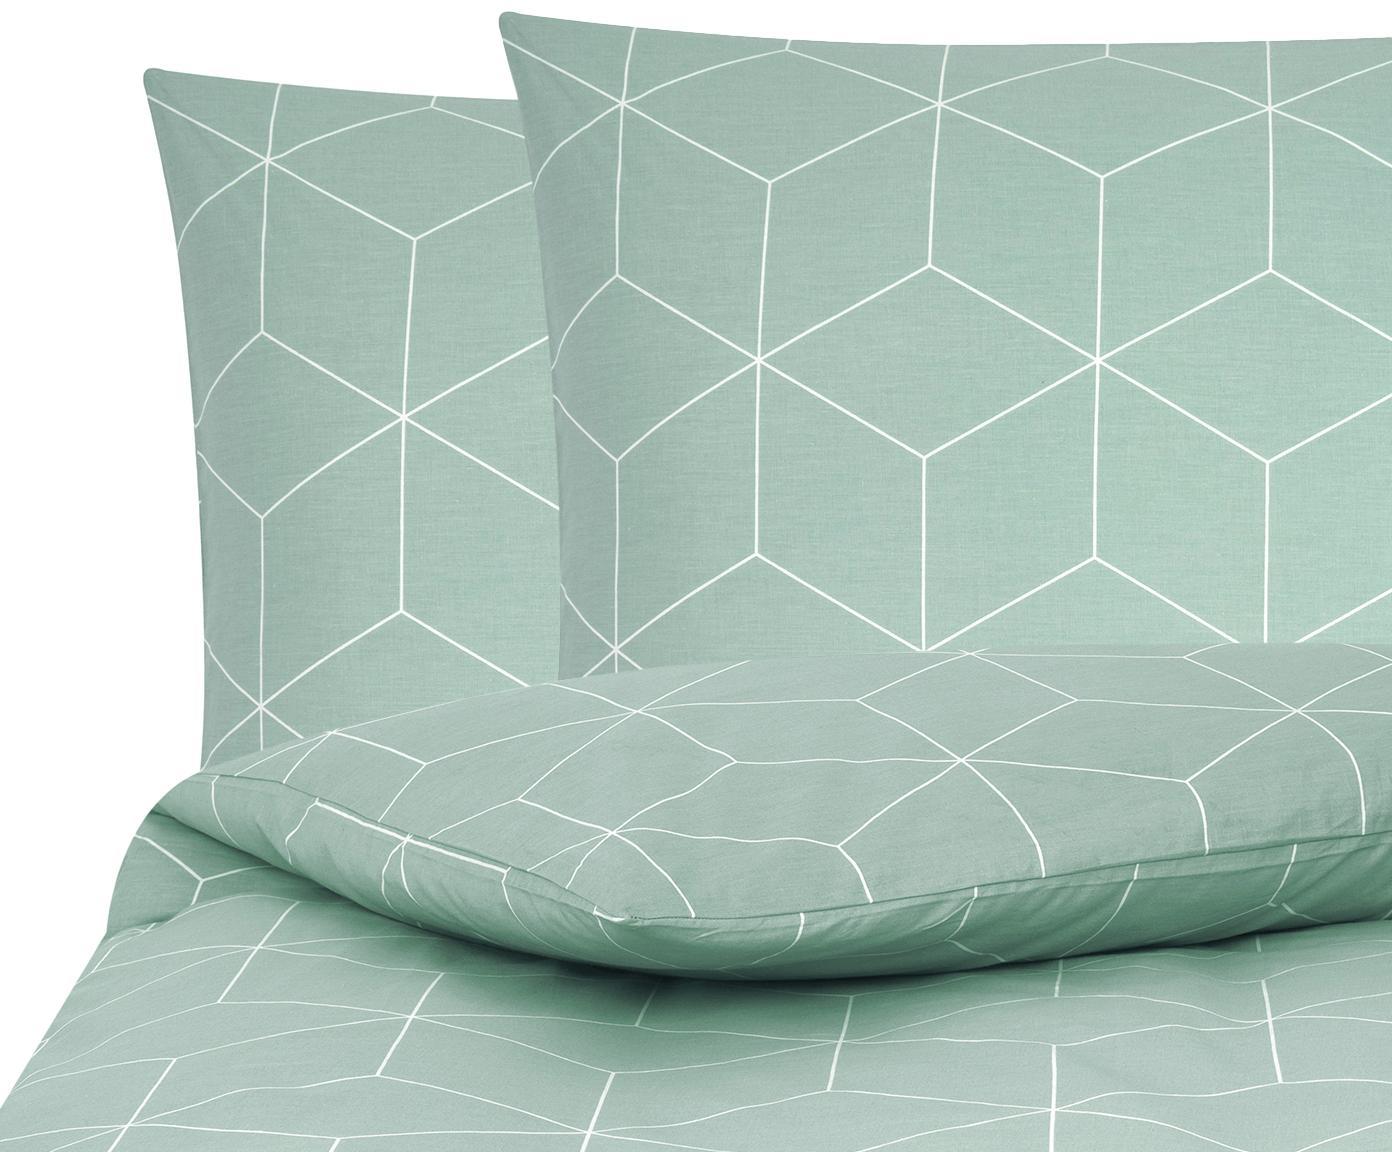 Baumwoll-Bettwäsche Lynn mit grafischem Muster, Webart: Renforcé Fadendichte 144 , Mint, Cremeweiß, 240 x 220 cm + 2 Kissen 80 x 80 cm